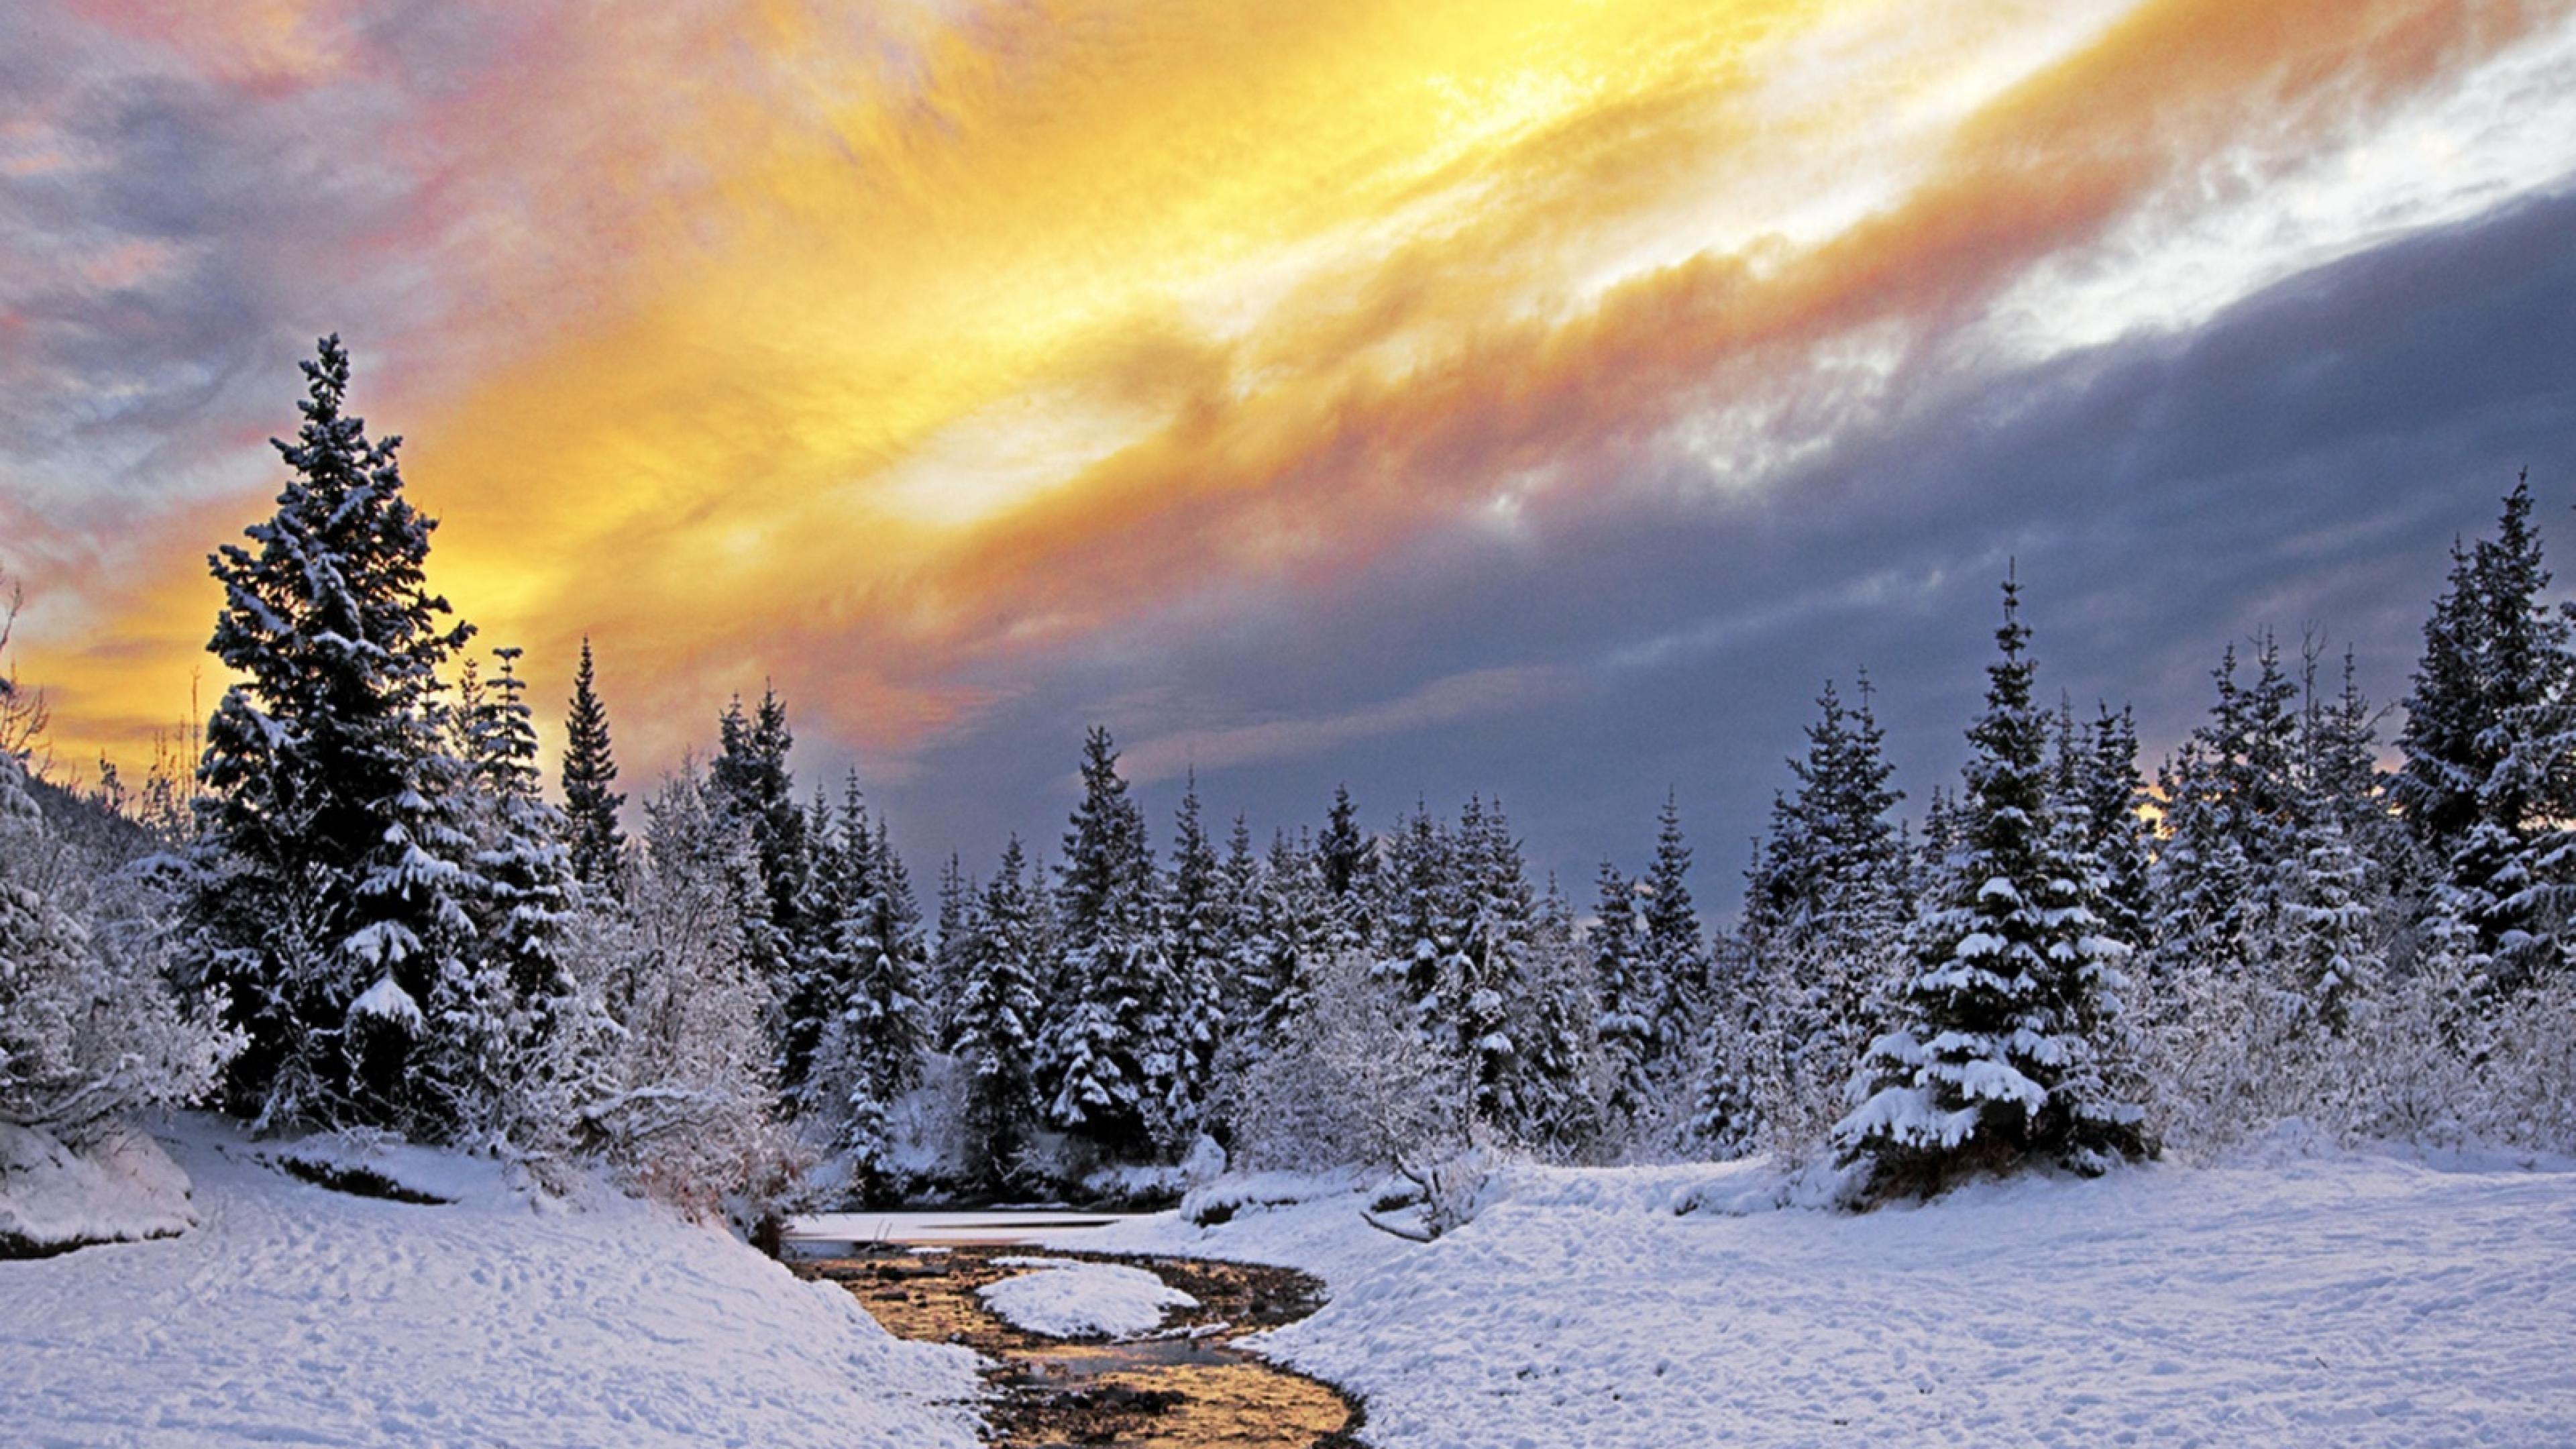 Mac Winter Wallpaper 63 Pictures